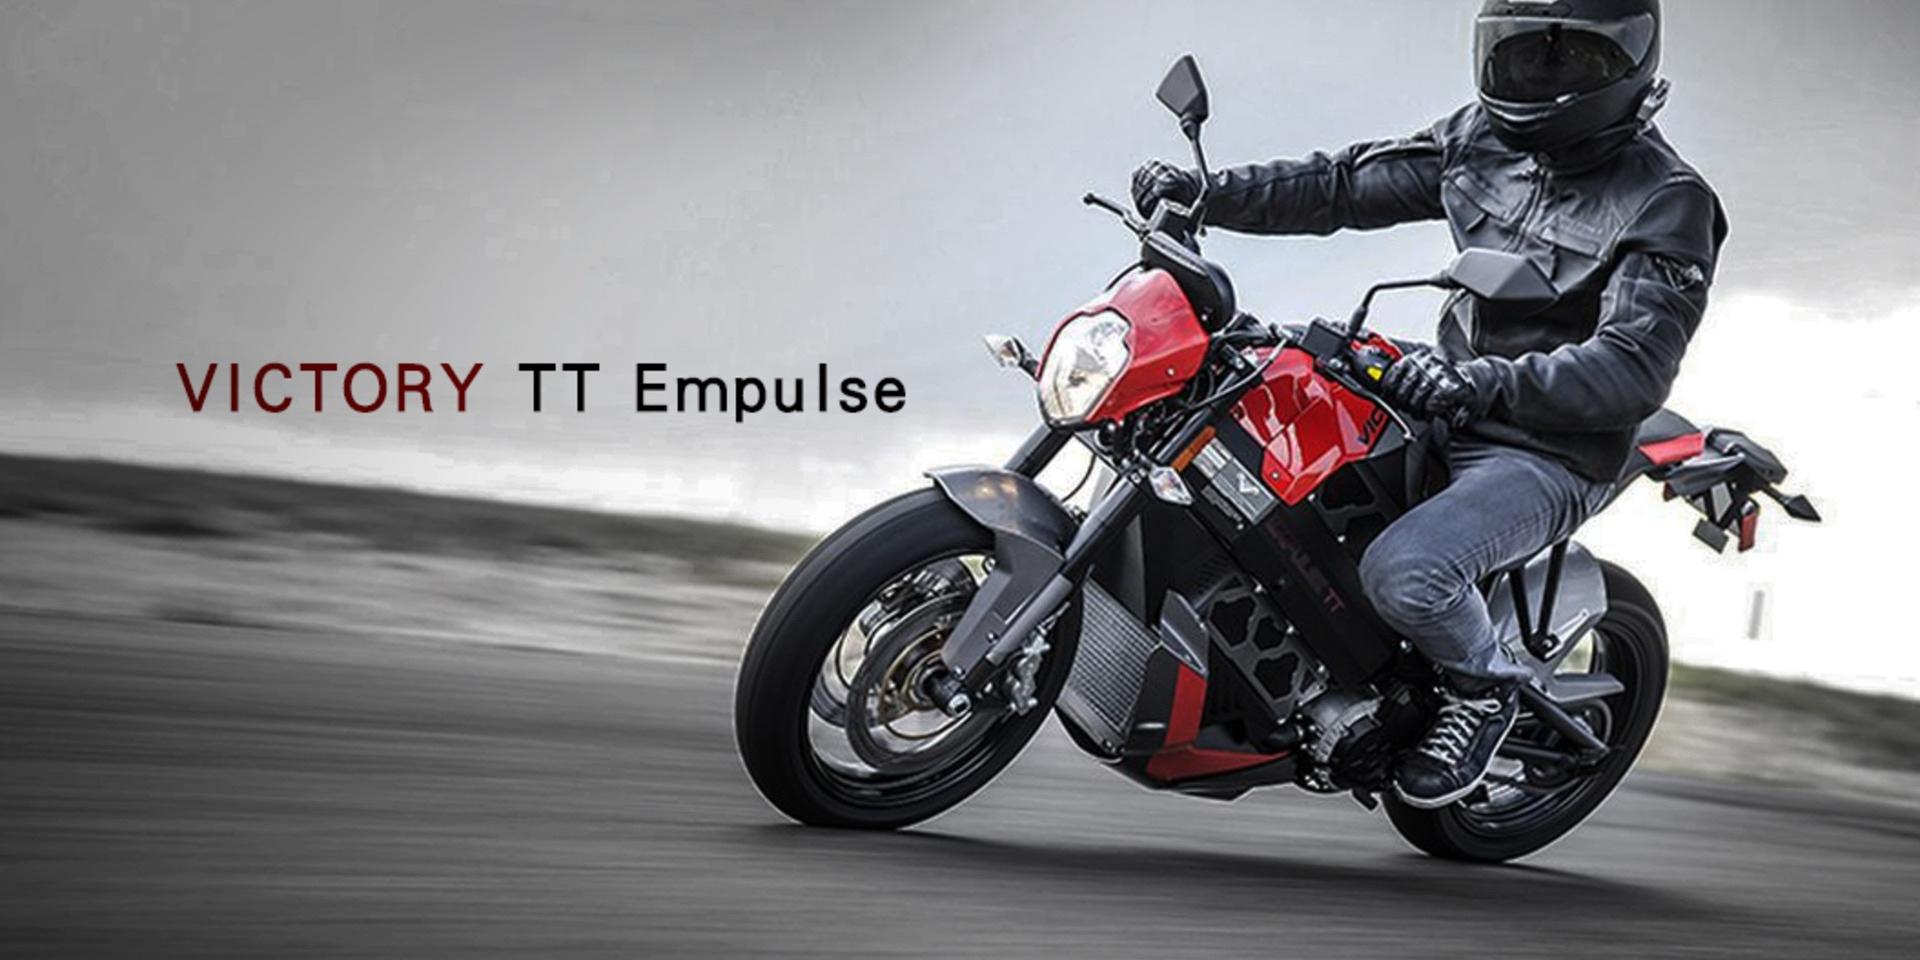 以運動為目標的電動車。Victory Empulse TT